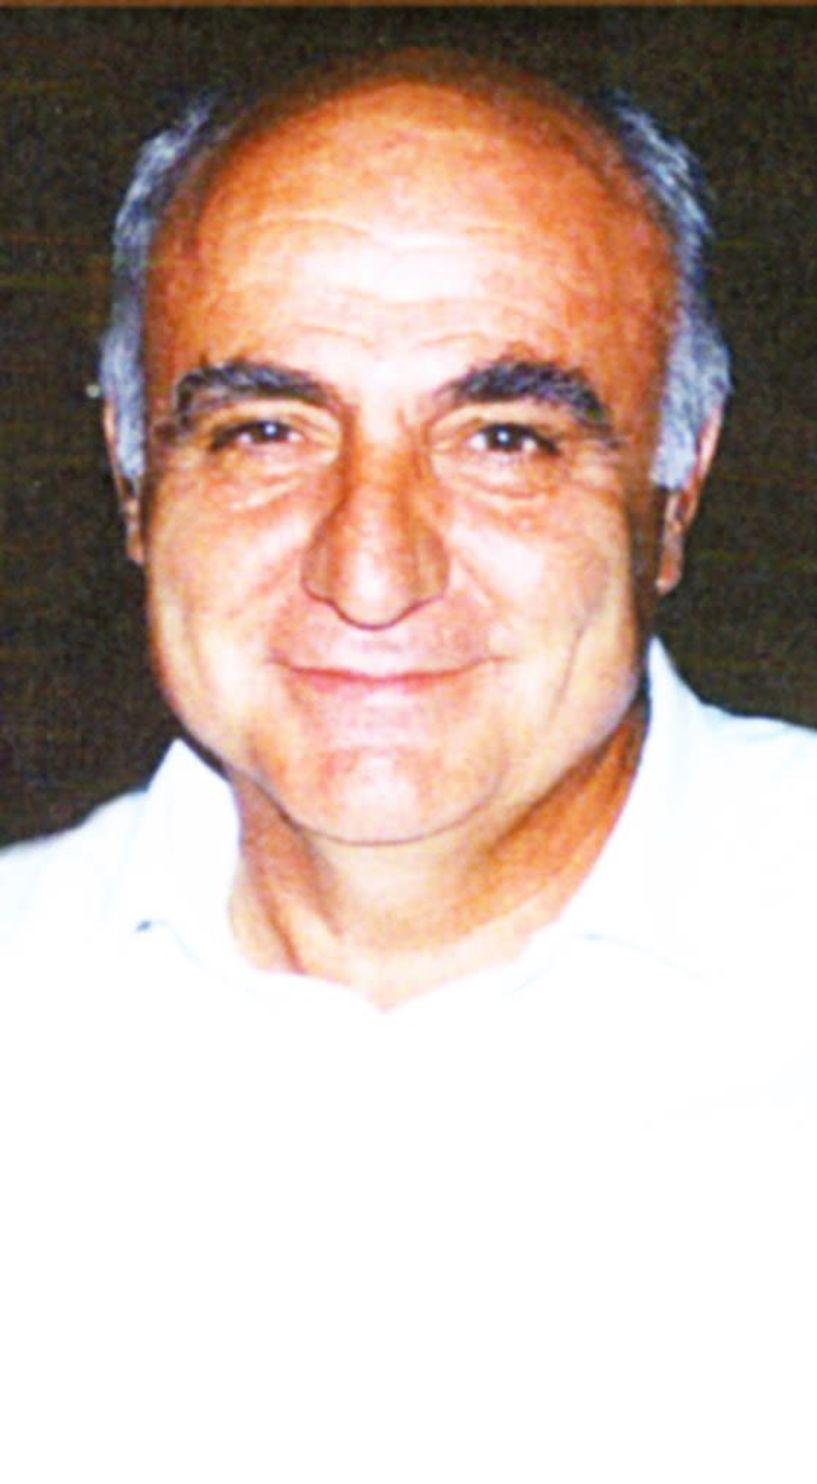 Αύριο Σάββατο 4 Αυγούστου η κηδεία του 66χρονου Γιάννη Βόλκου